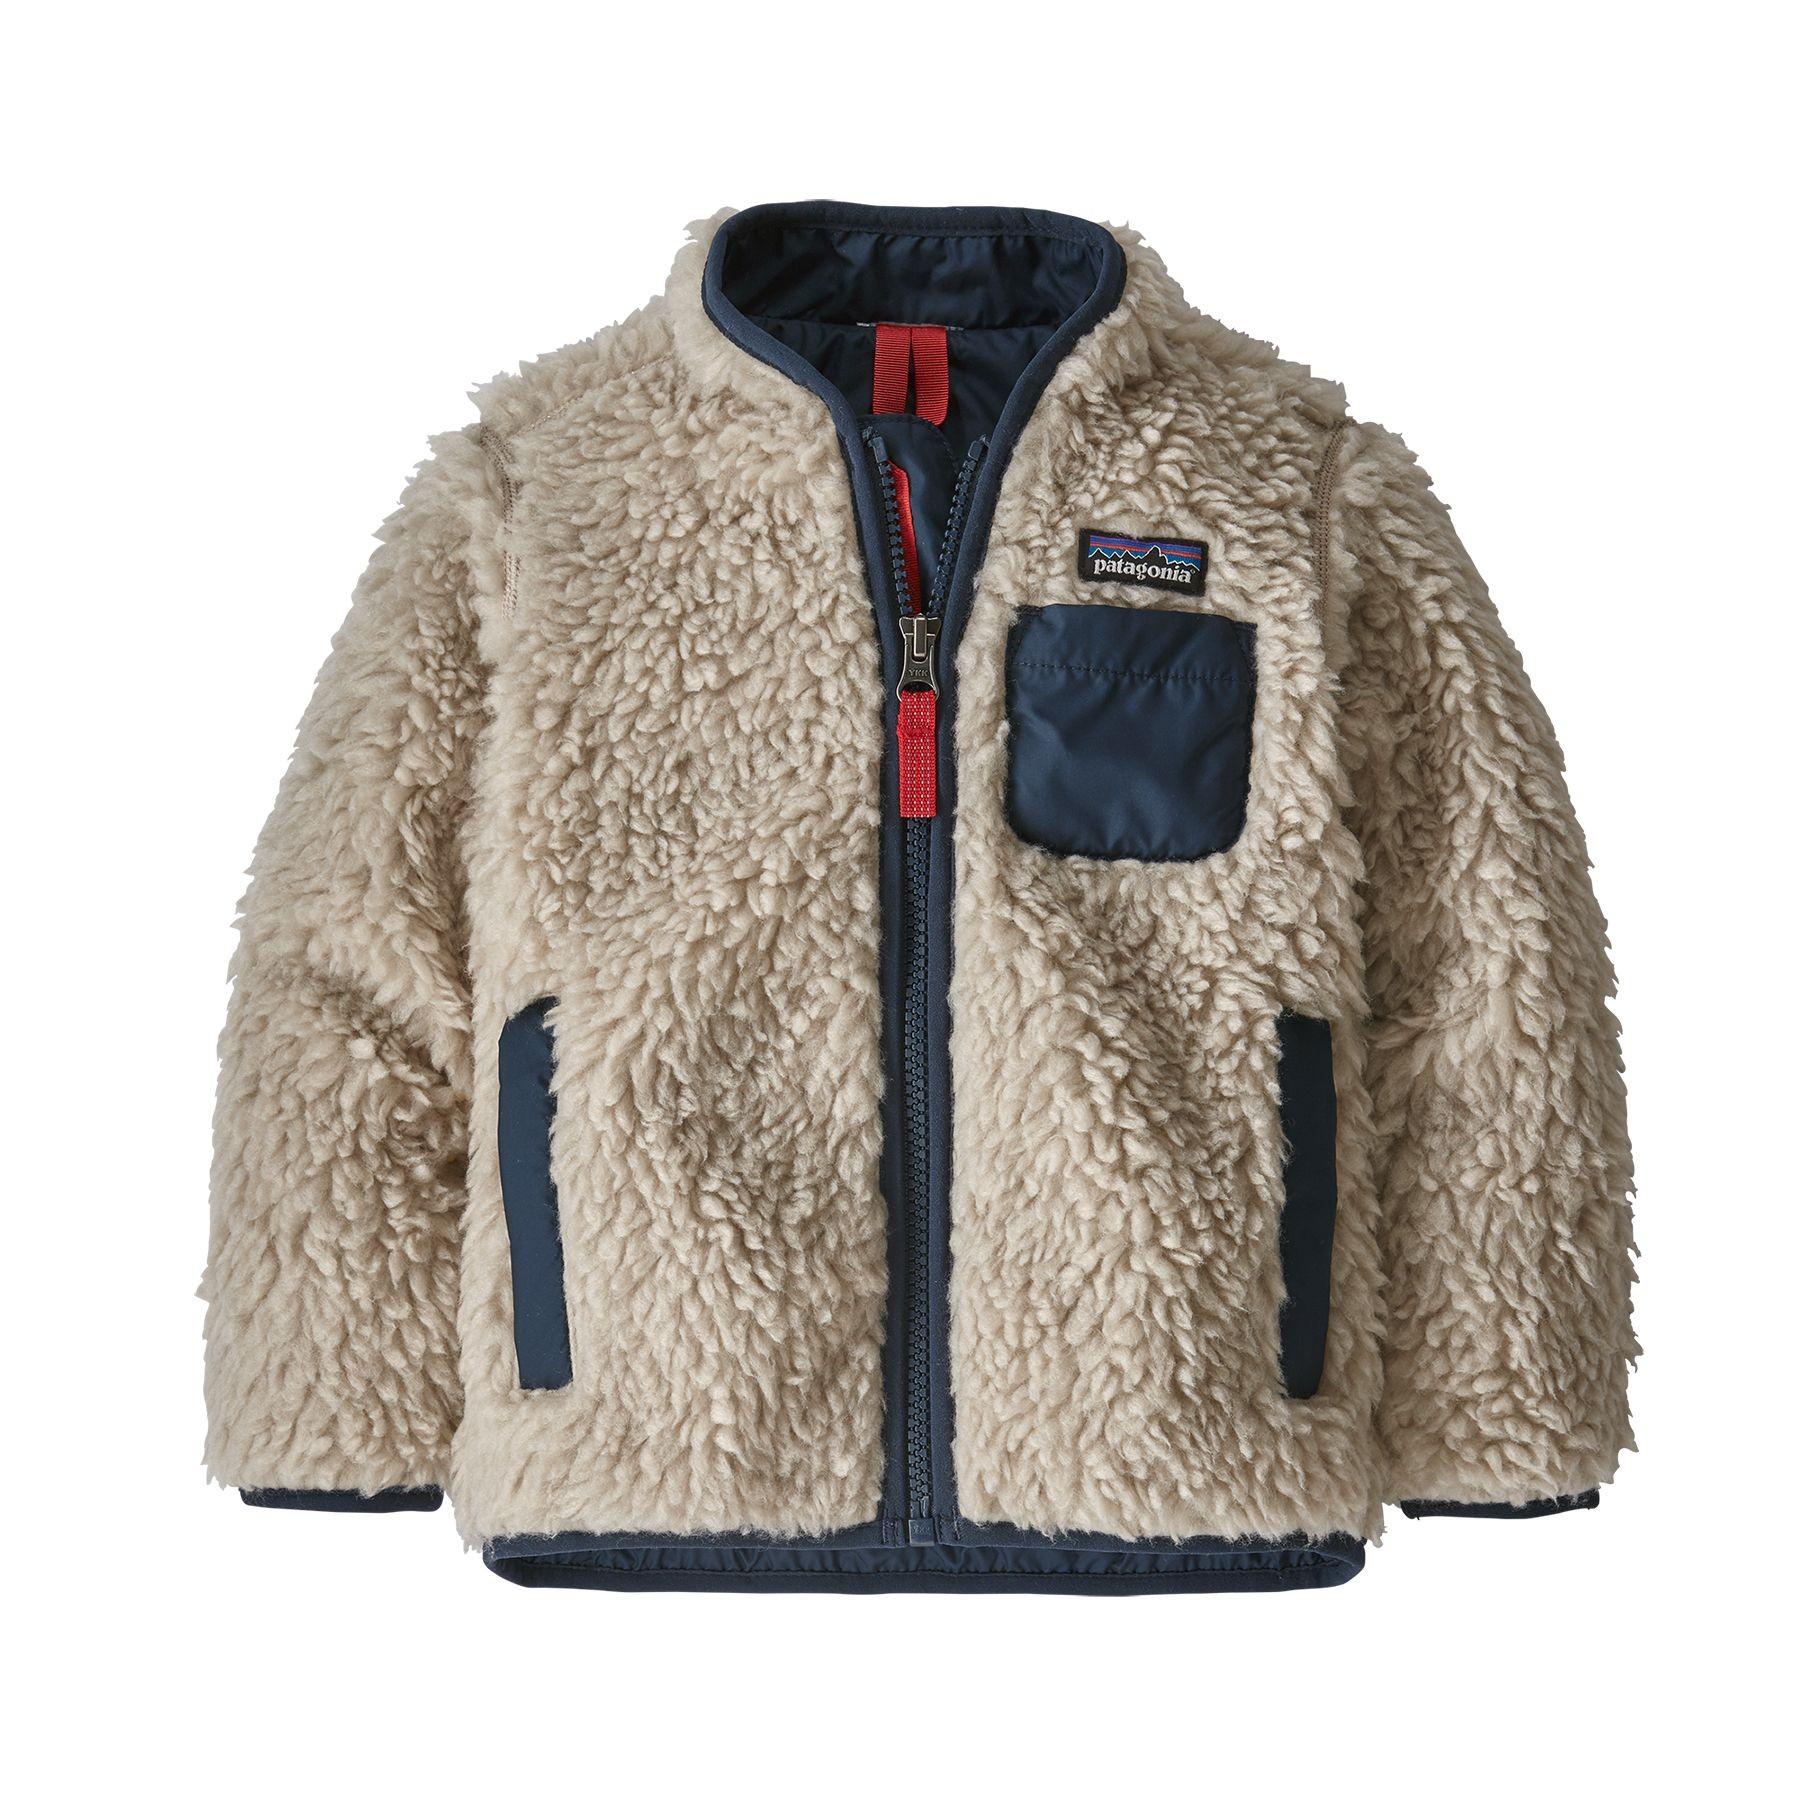 Patagonia Baby Retro-X Jacket - Polaire enfant